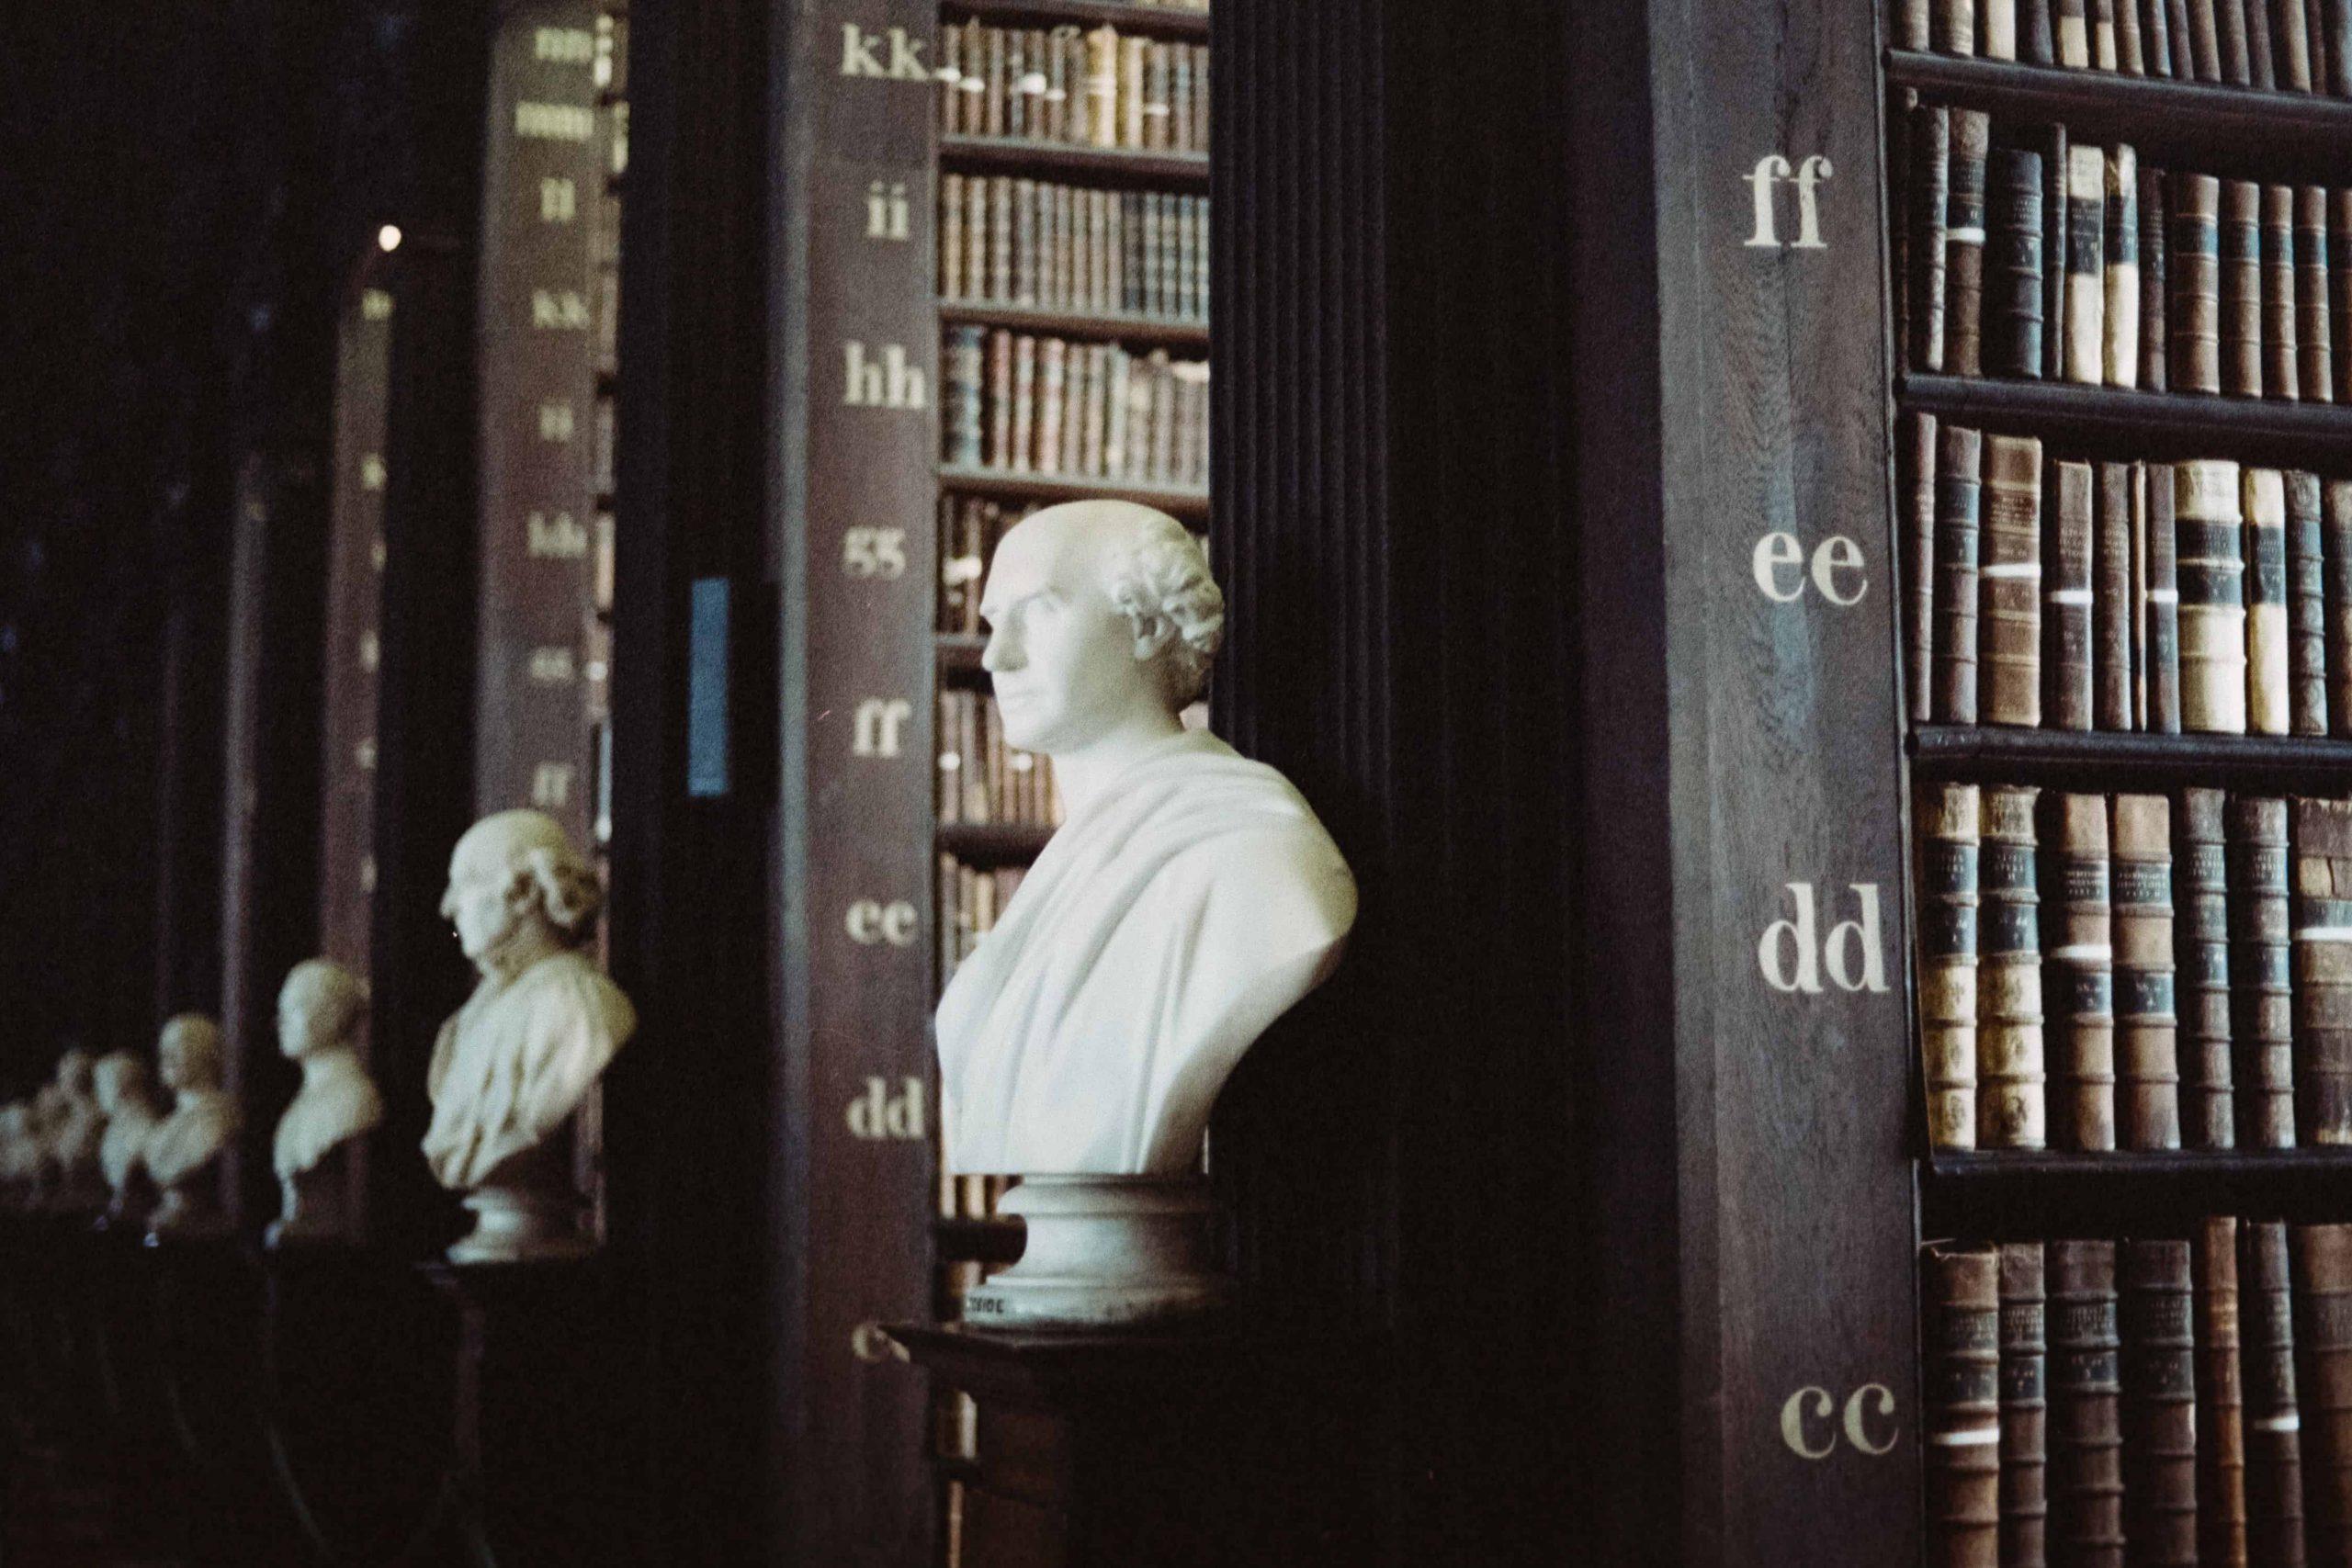 άγαλμα_βιβλιοθήκη